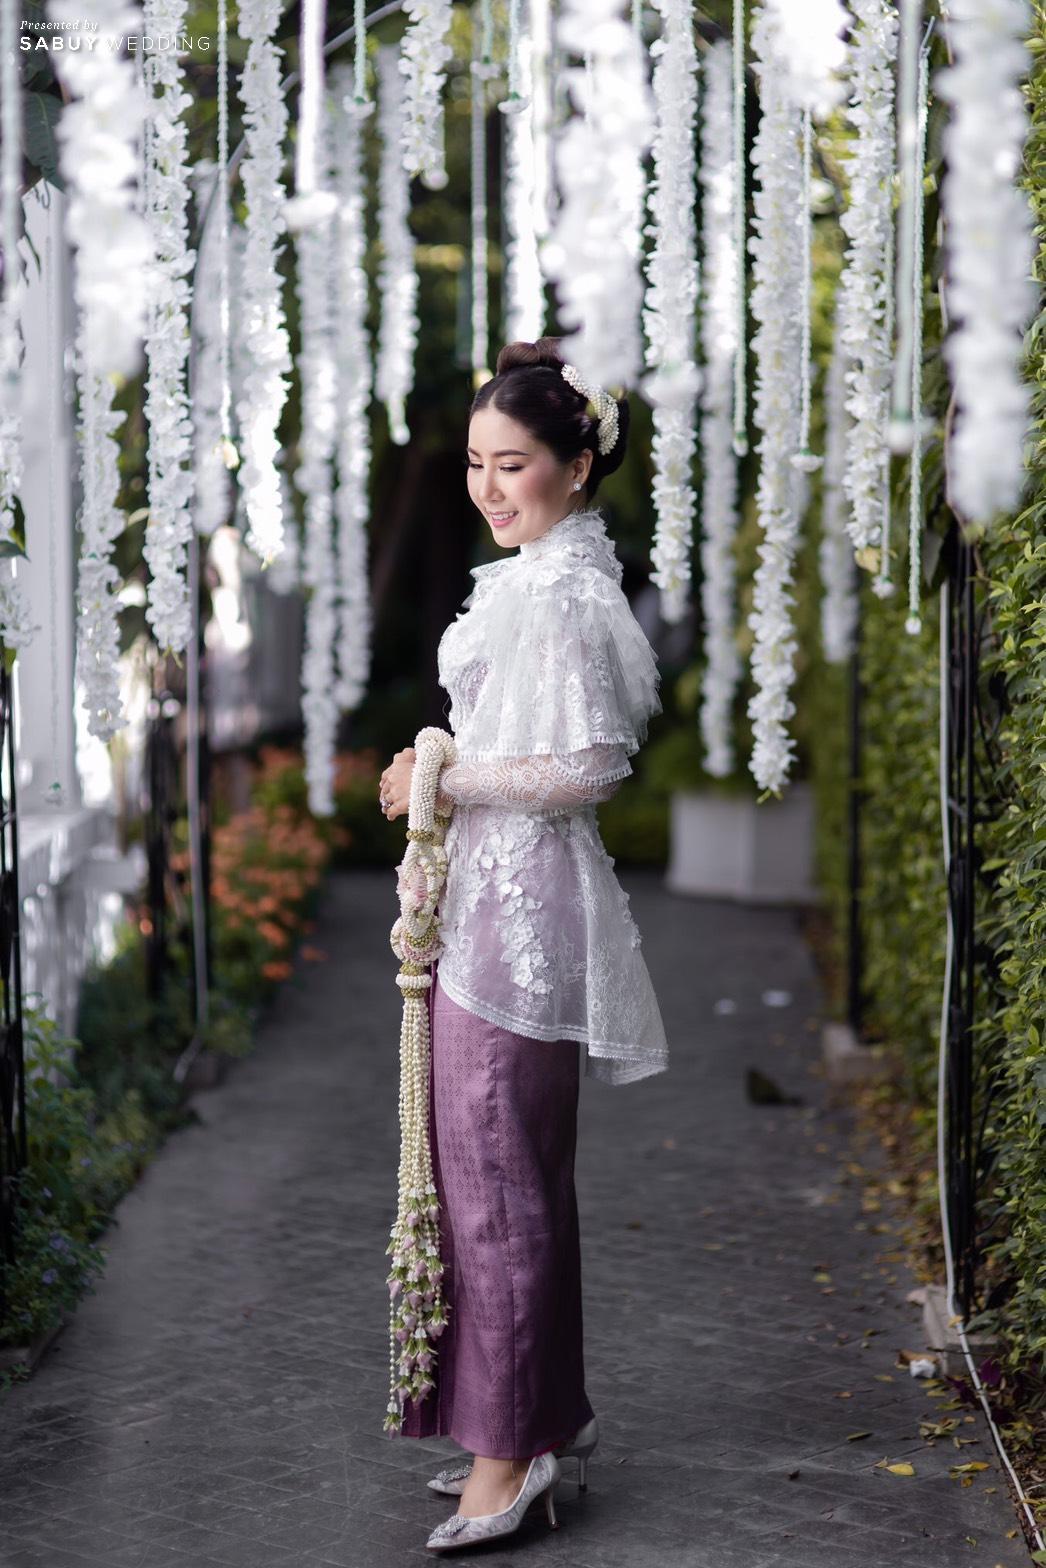 ชุดแต่งงาน รีวิวงานแต่งเสน่ห์ไทย ในสถานที่สไตล์โคโลเนียล @ House of Chandra